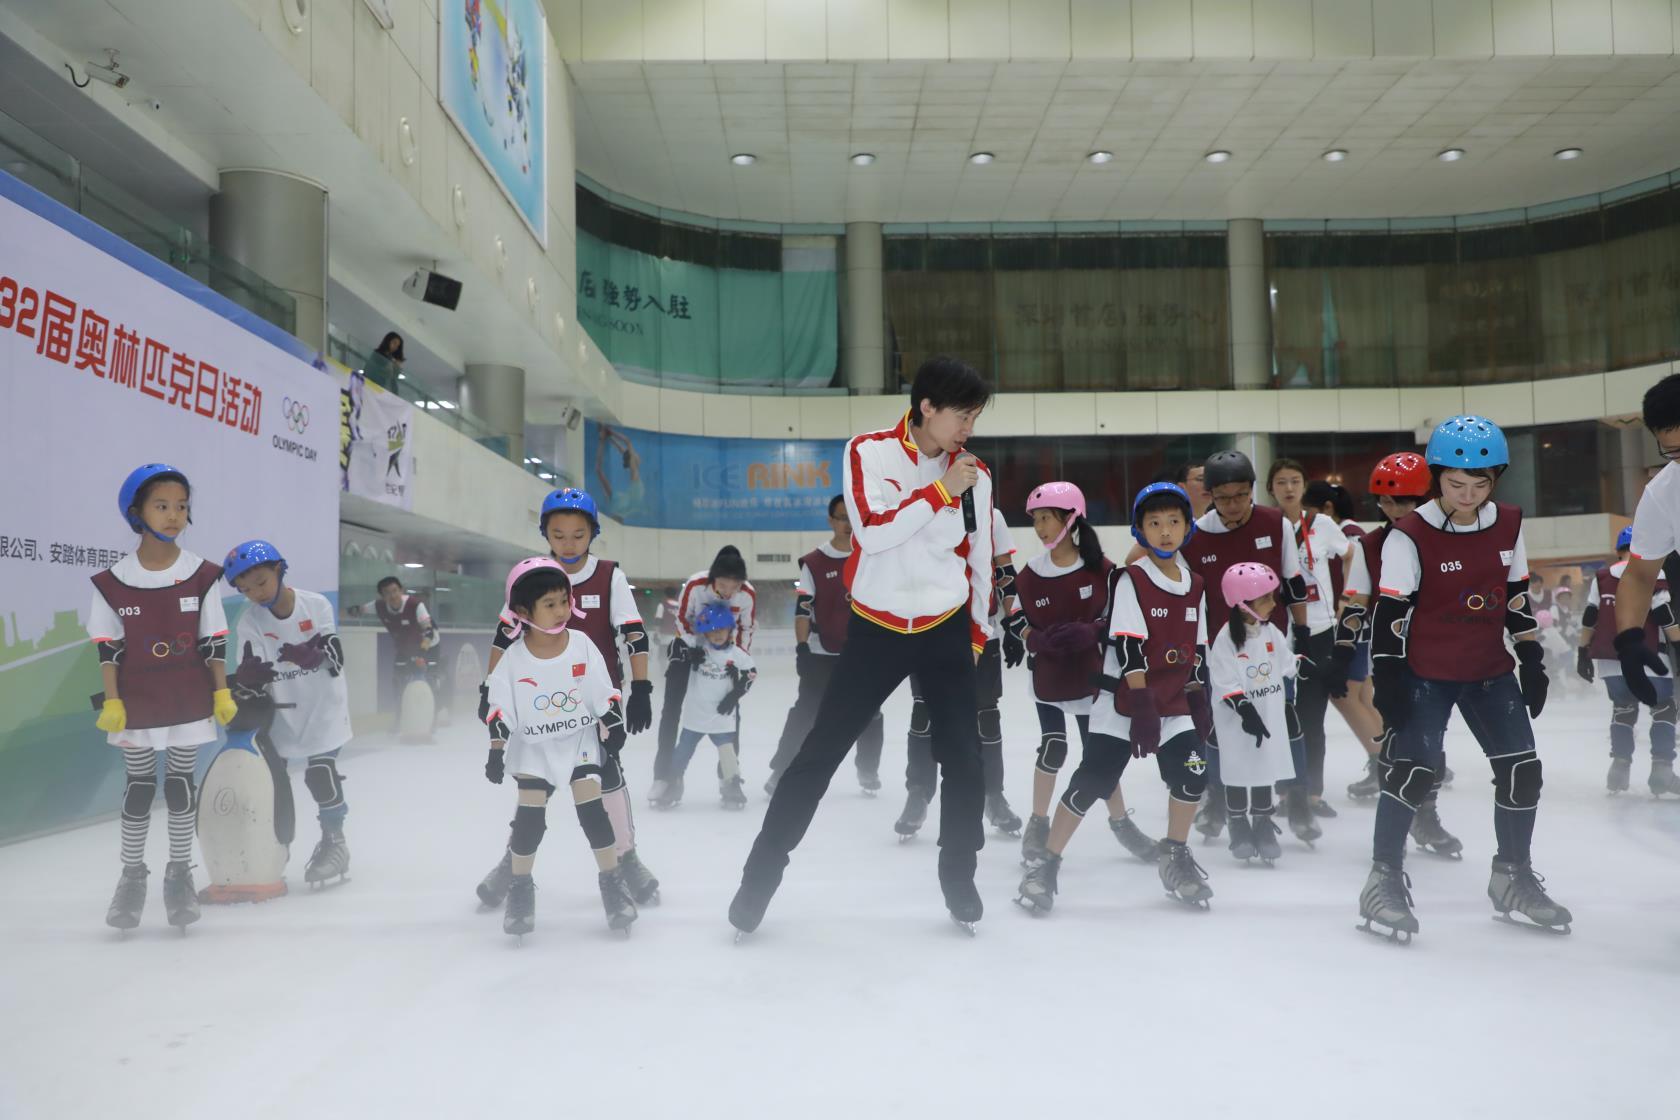 冰雪运动引入奥林匹克日活动 世界冠军指导